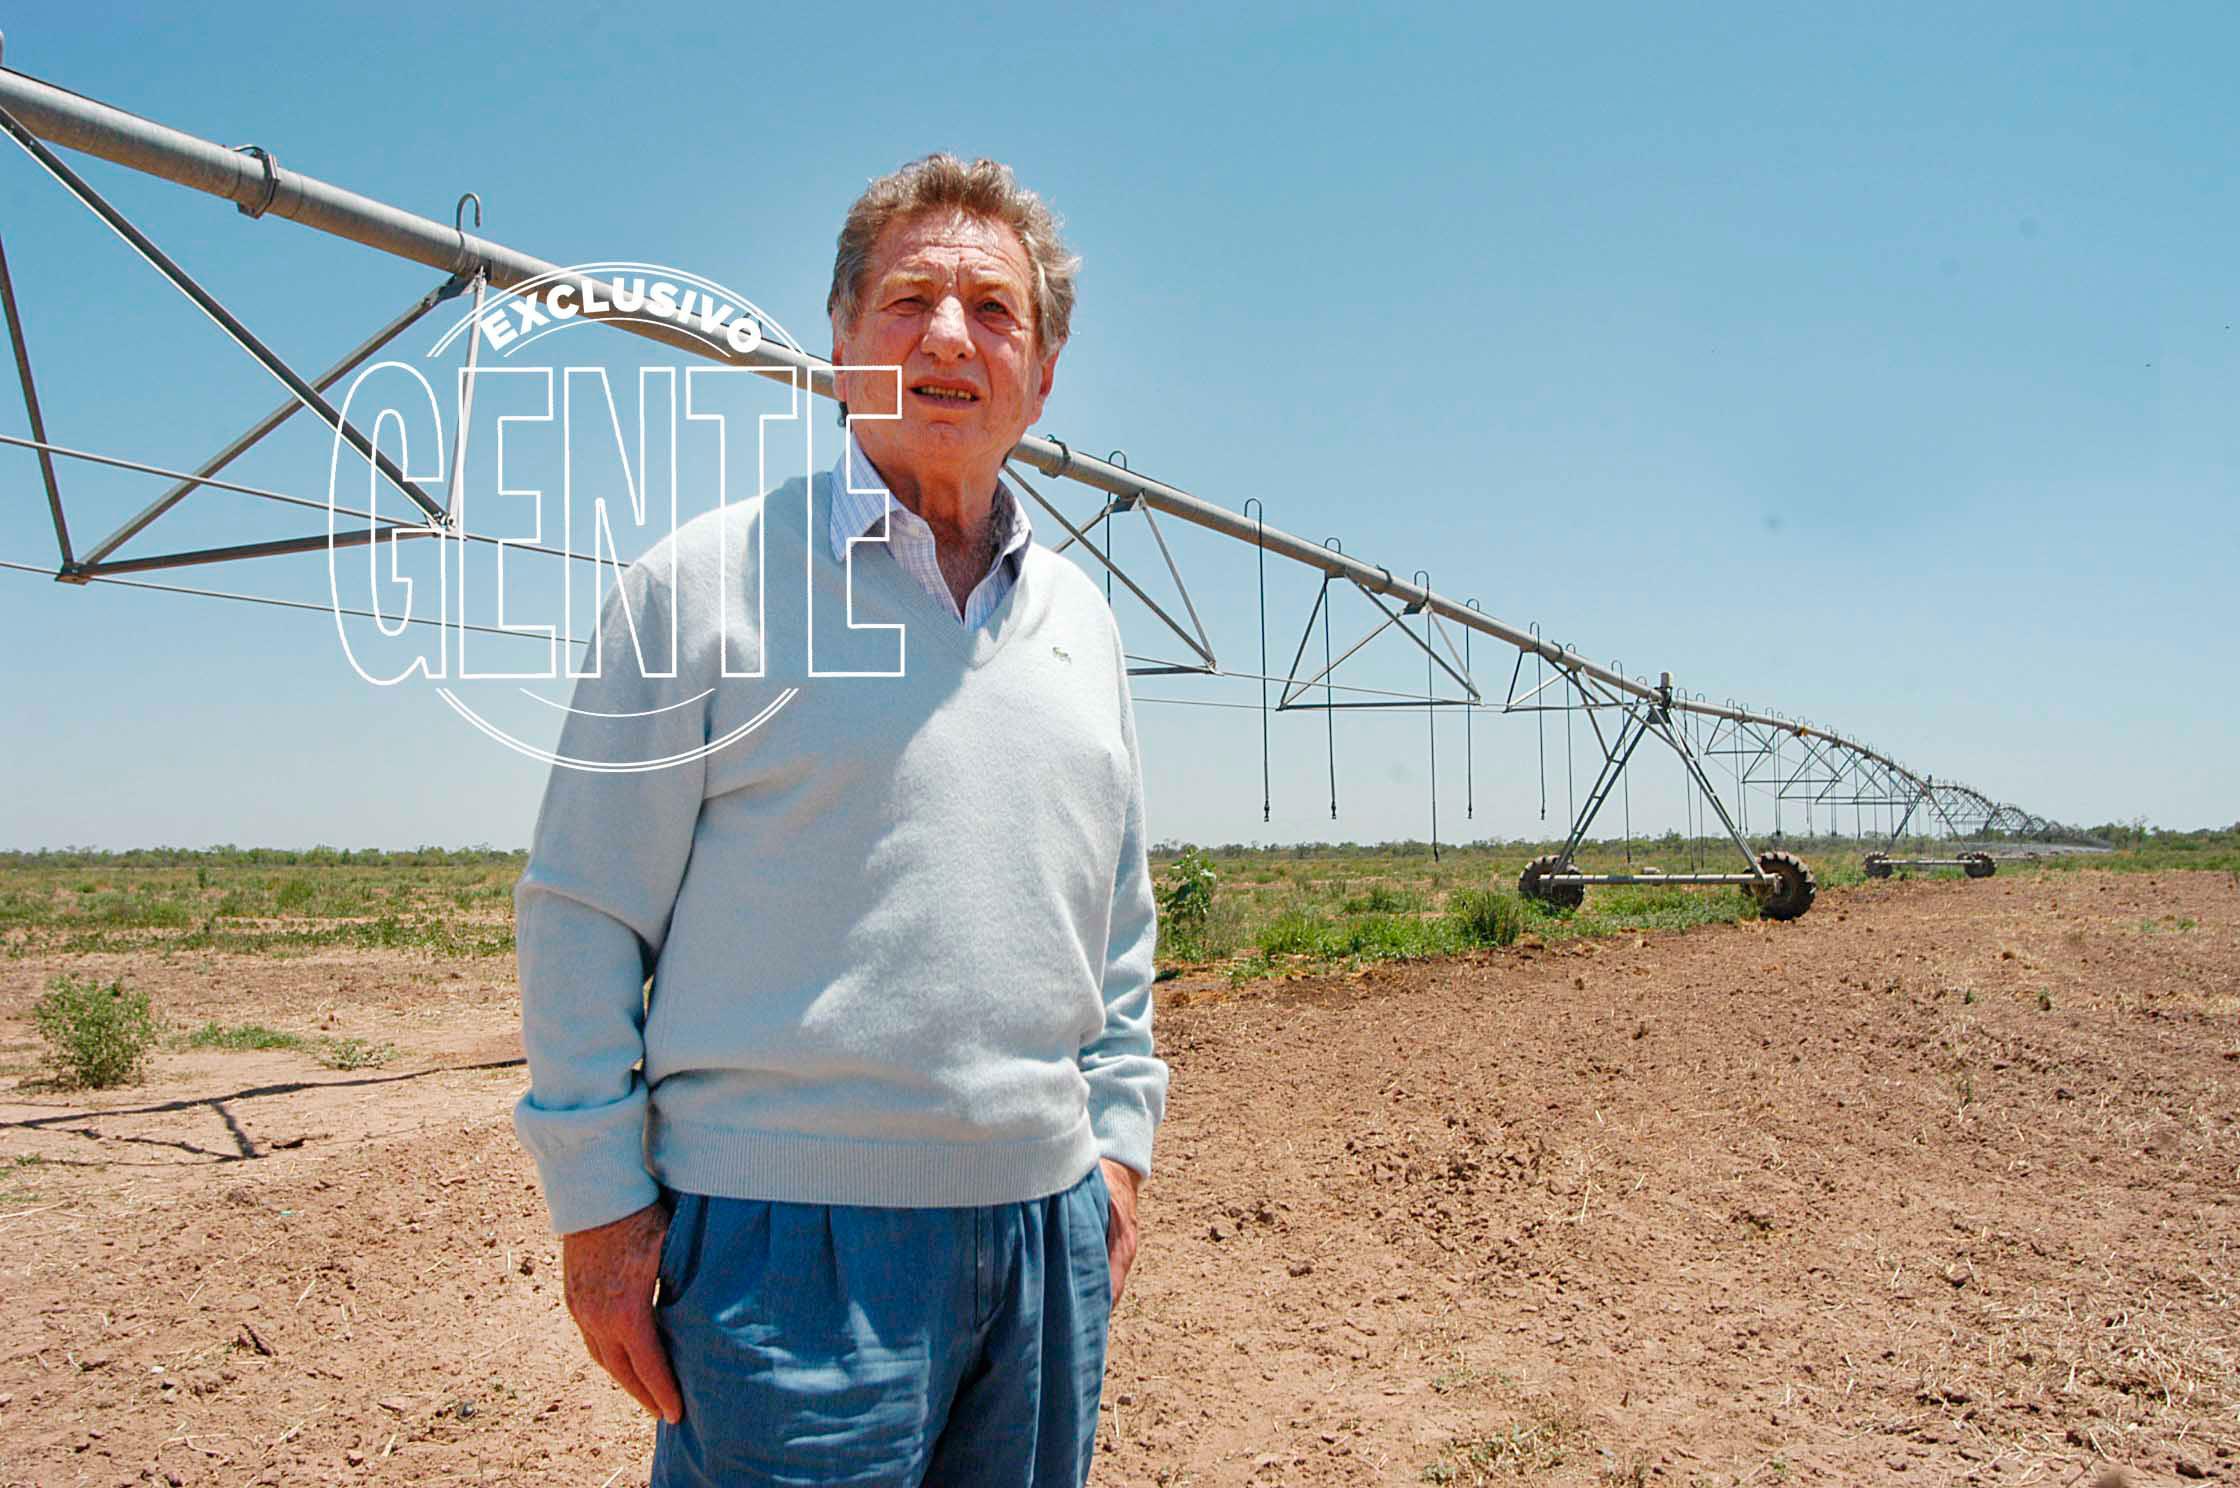 Franco Macri en su campo El Yuto, sobre la ruta 34 en Salta. Foto: Enrique García Medina/GENTE